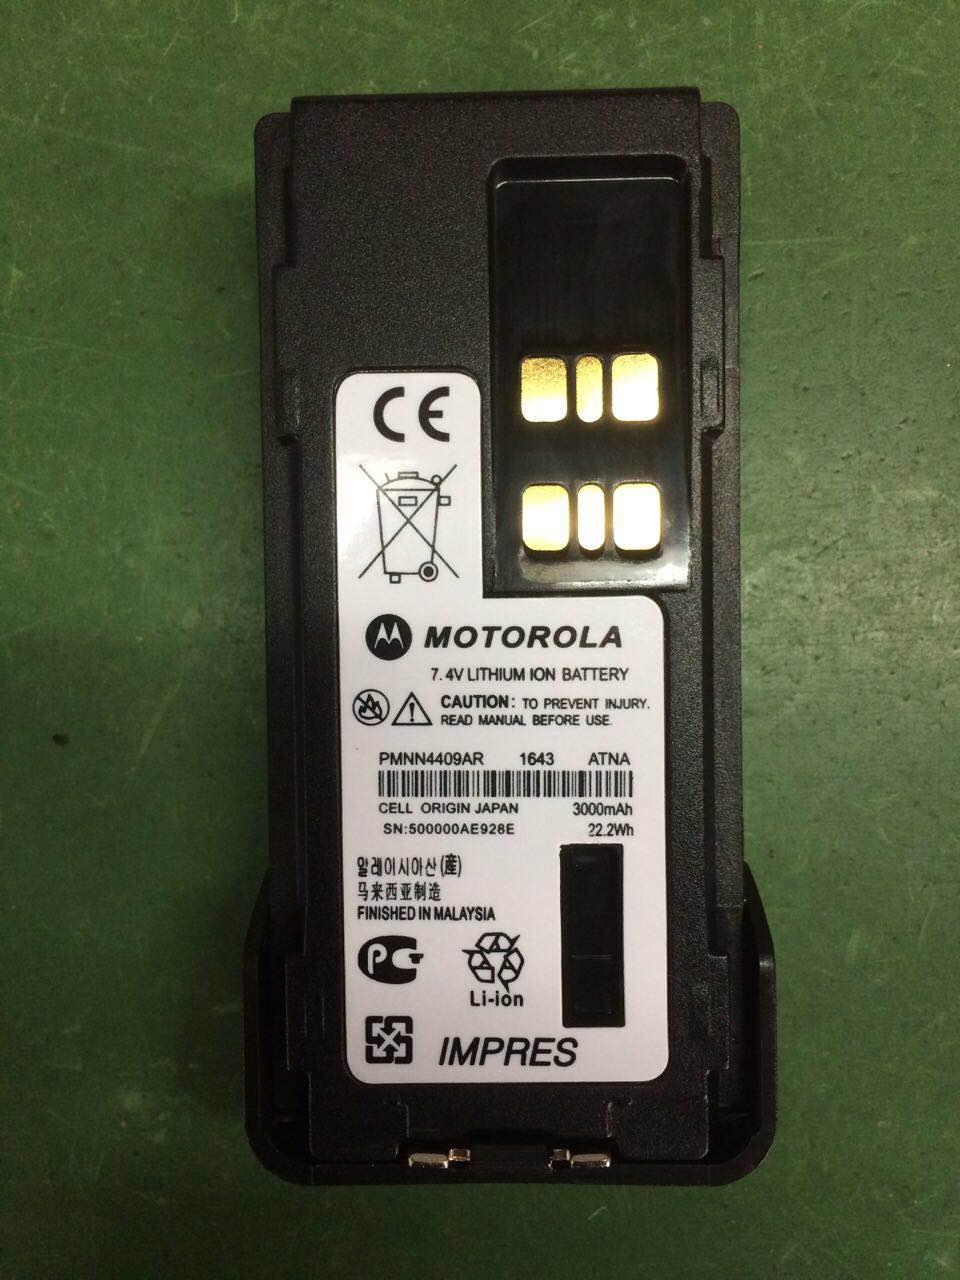 15 шт. Батарея для Motorola радиостанции DP4801 Ex УКВ, DP4801 Ex UHF, DP4401 Ex, DP4401 Ex UHF портативная рация радио